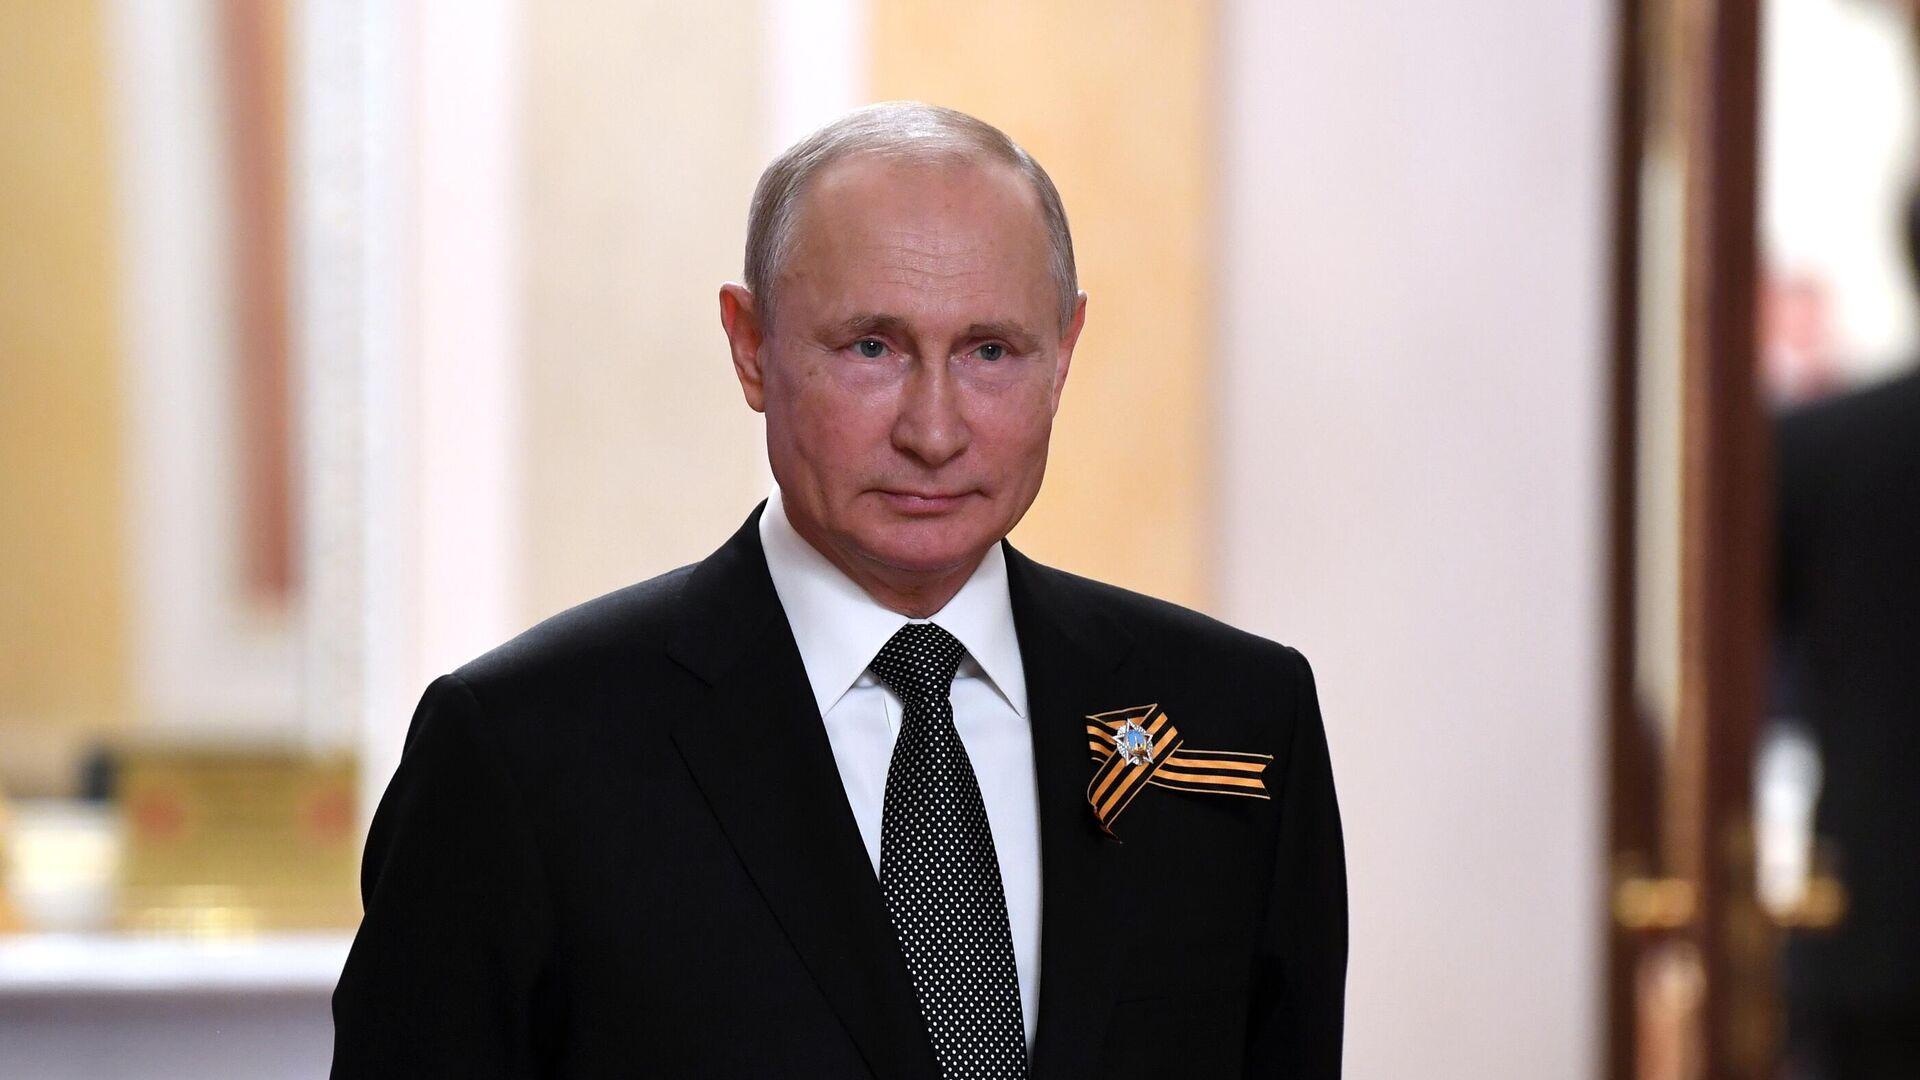 Vladímir Putin, presidente de Rusia, durante las celebraciones del 75 aniversario de la victoria sobre el nazismo - Sputnik Mundo, 1920, 19.02.2021